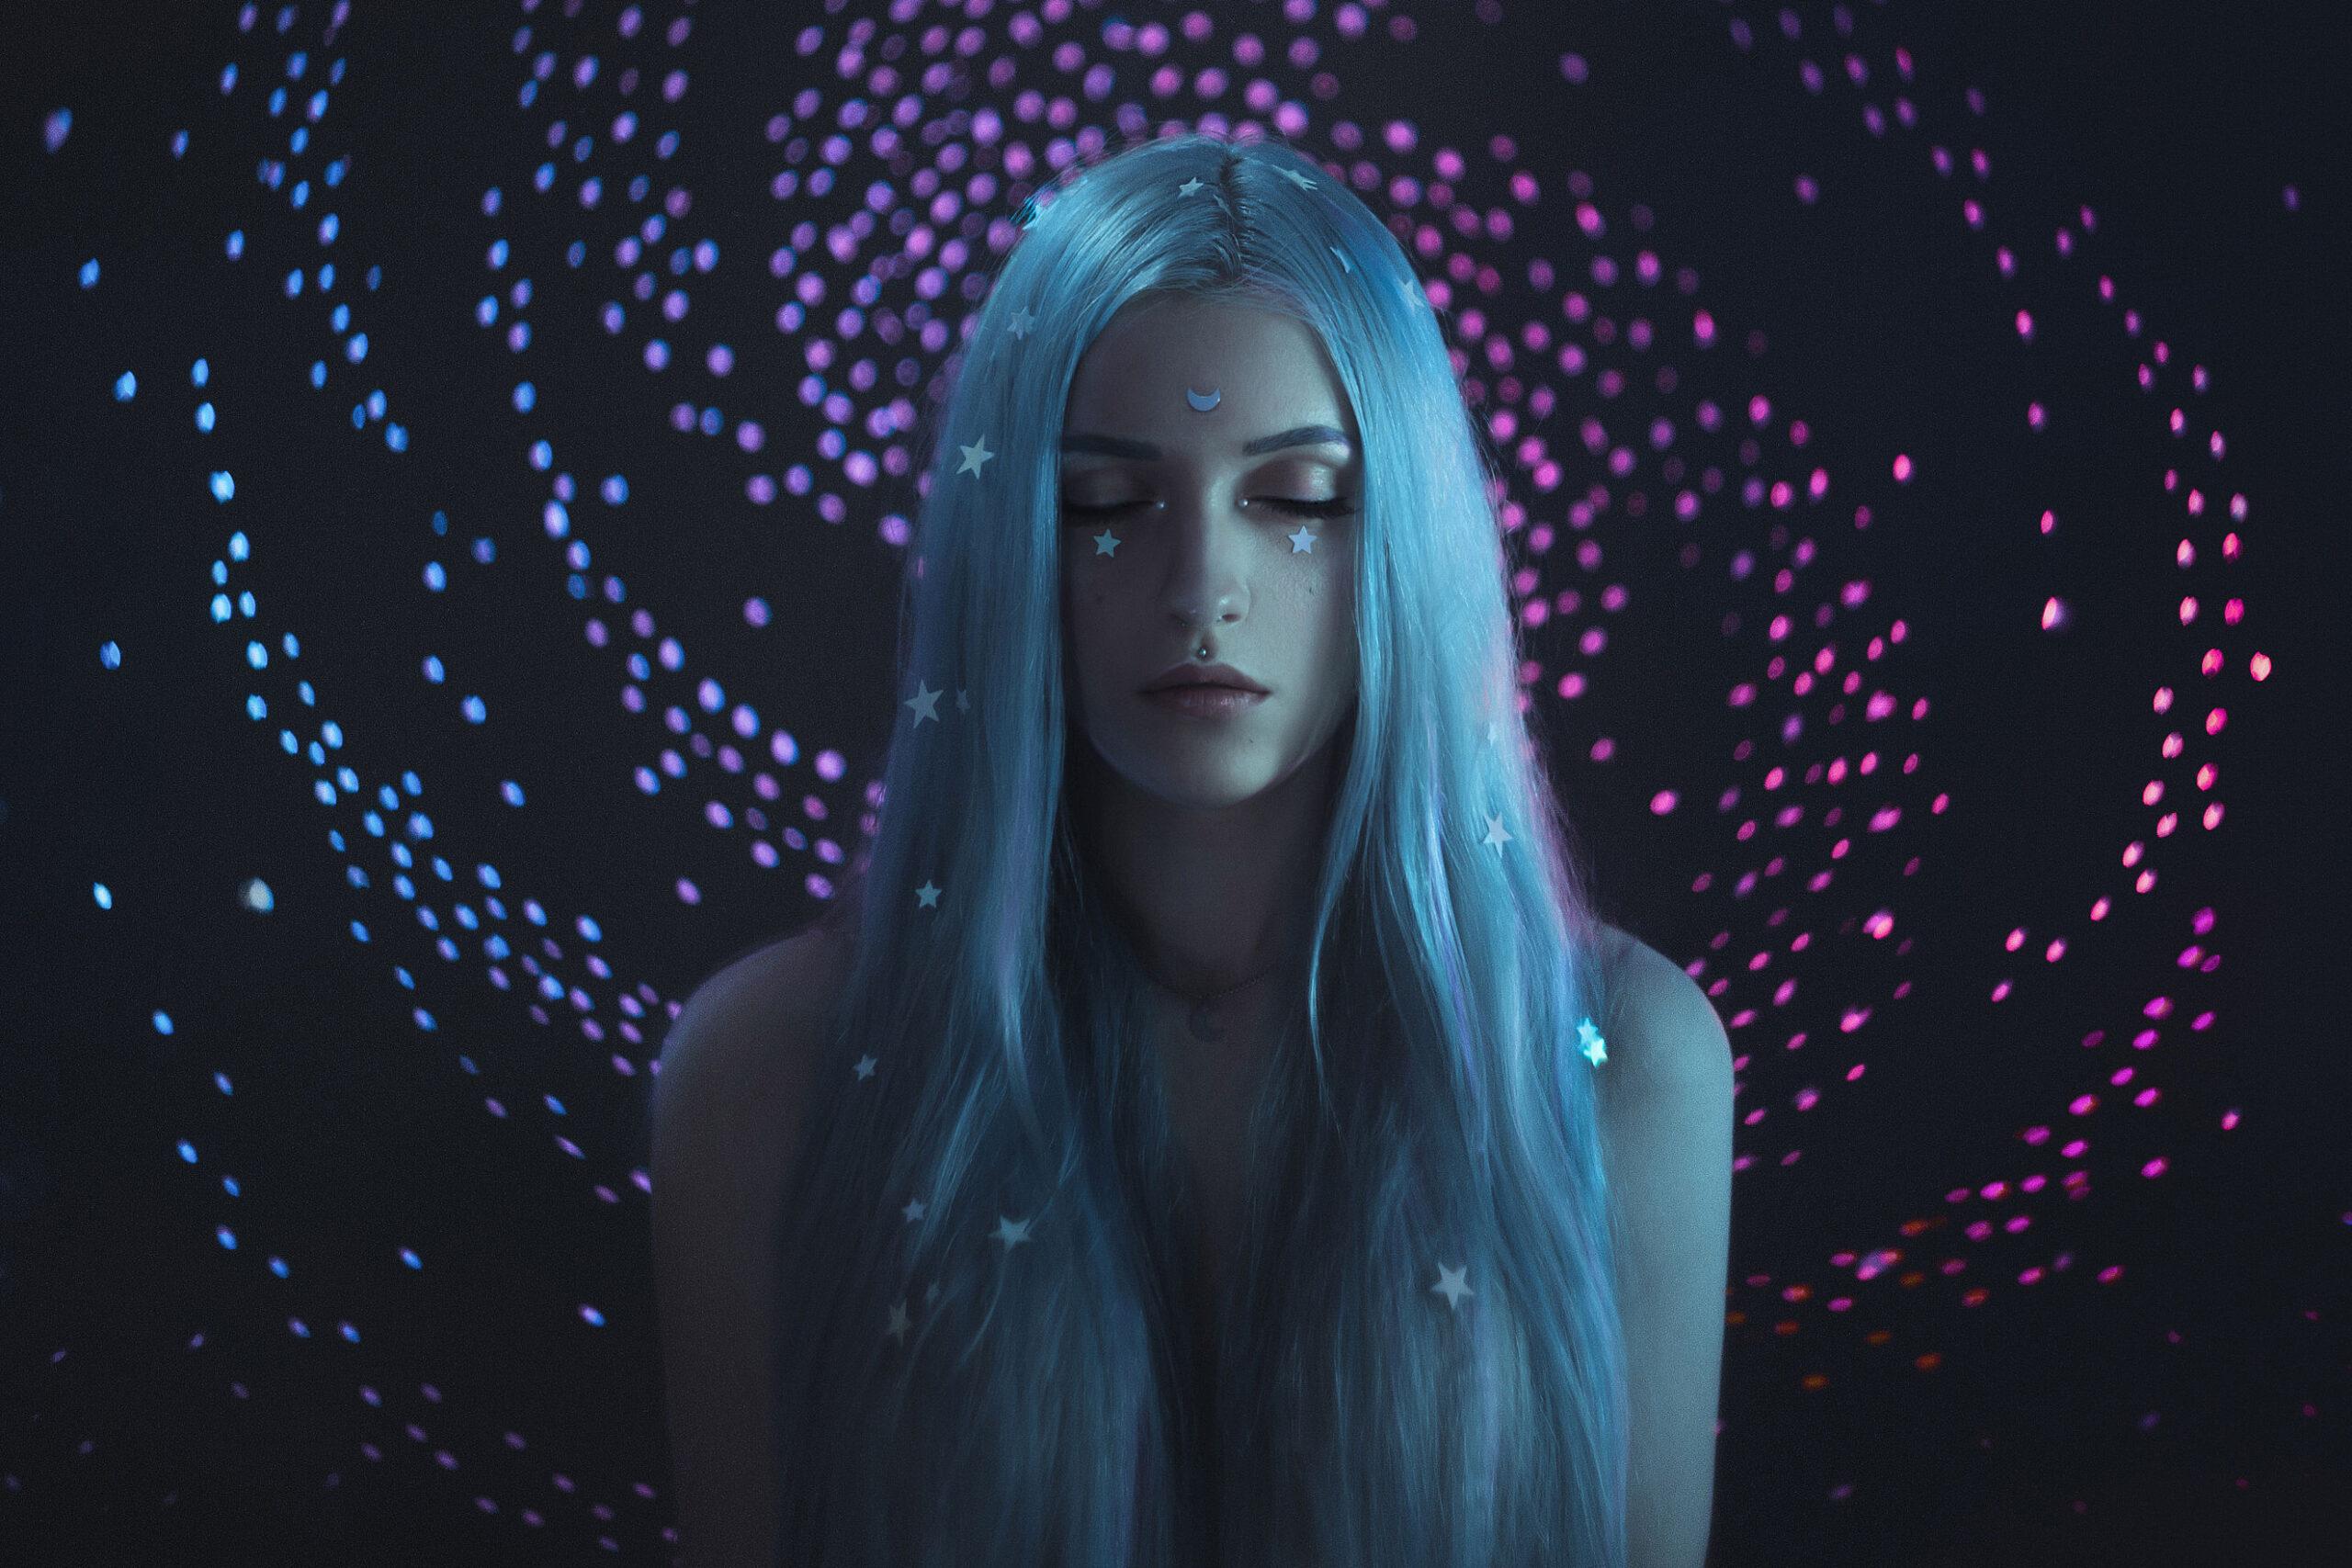 My Universe a creative bokeh backdrop by Anya Anti